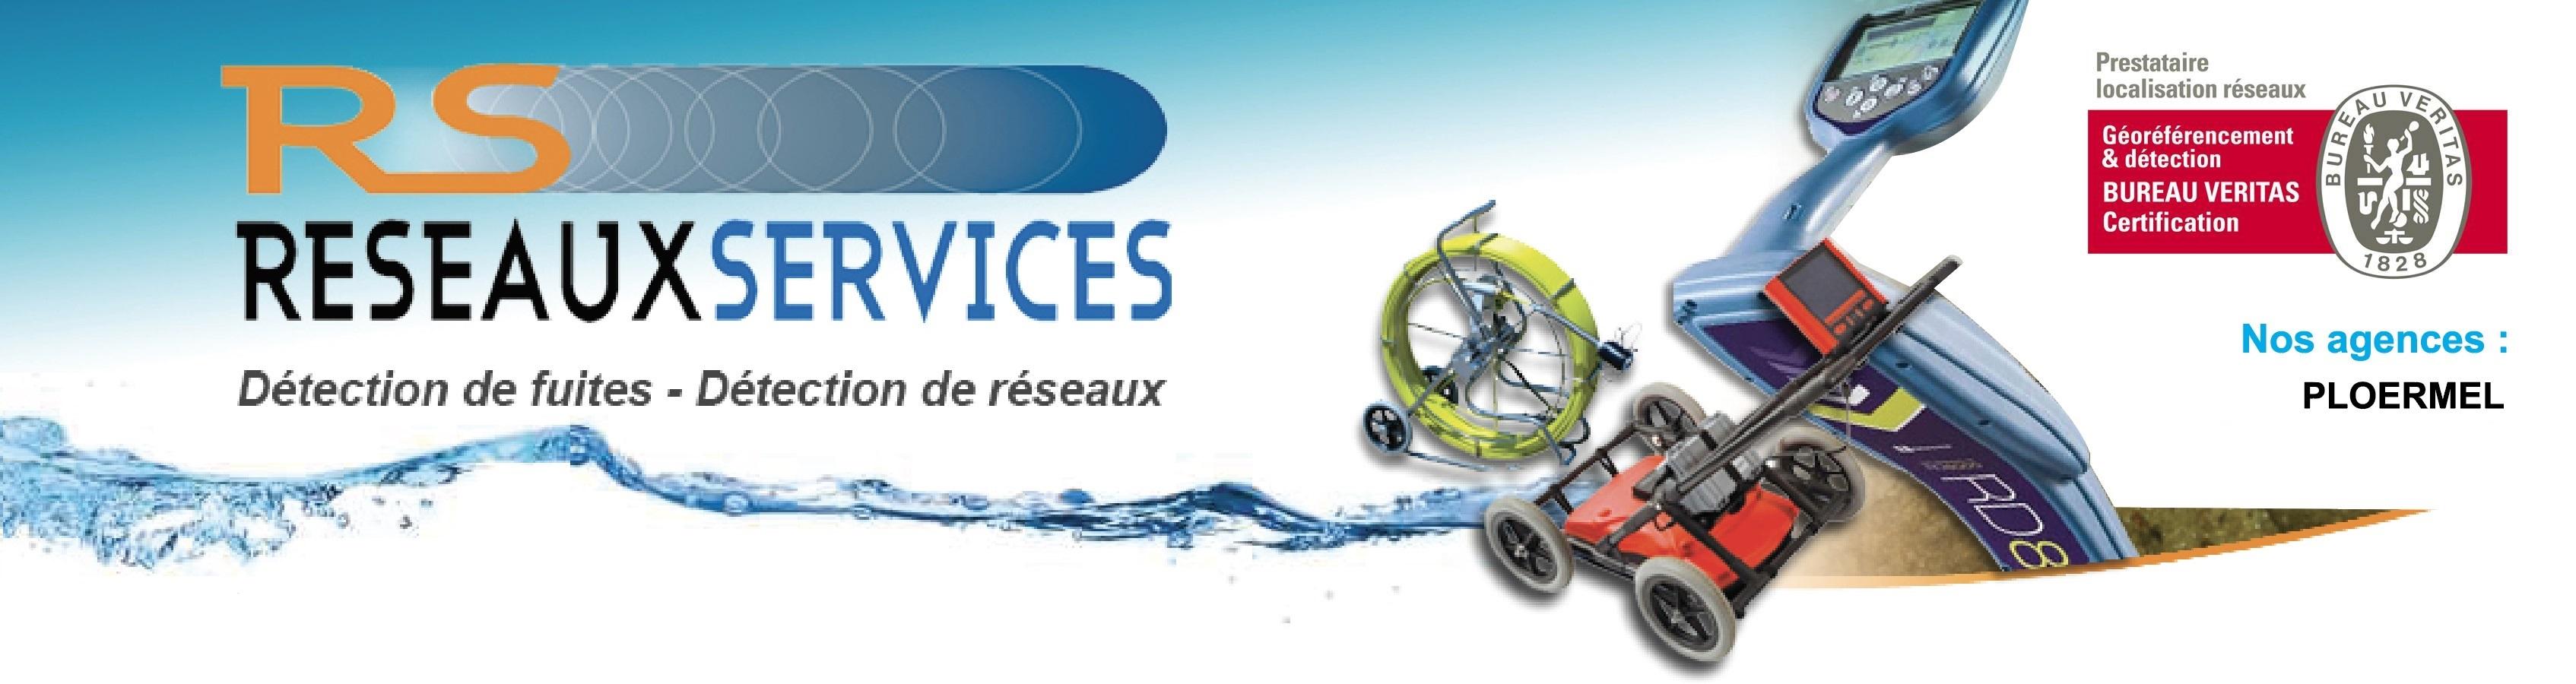 Réseaux Services